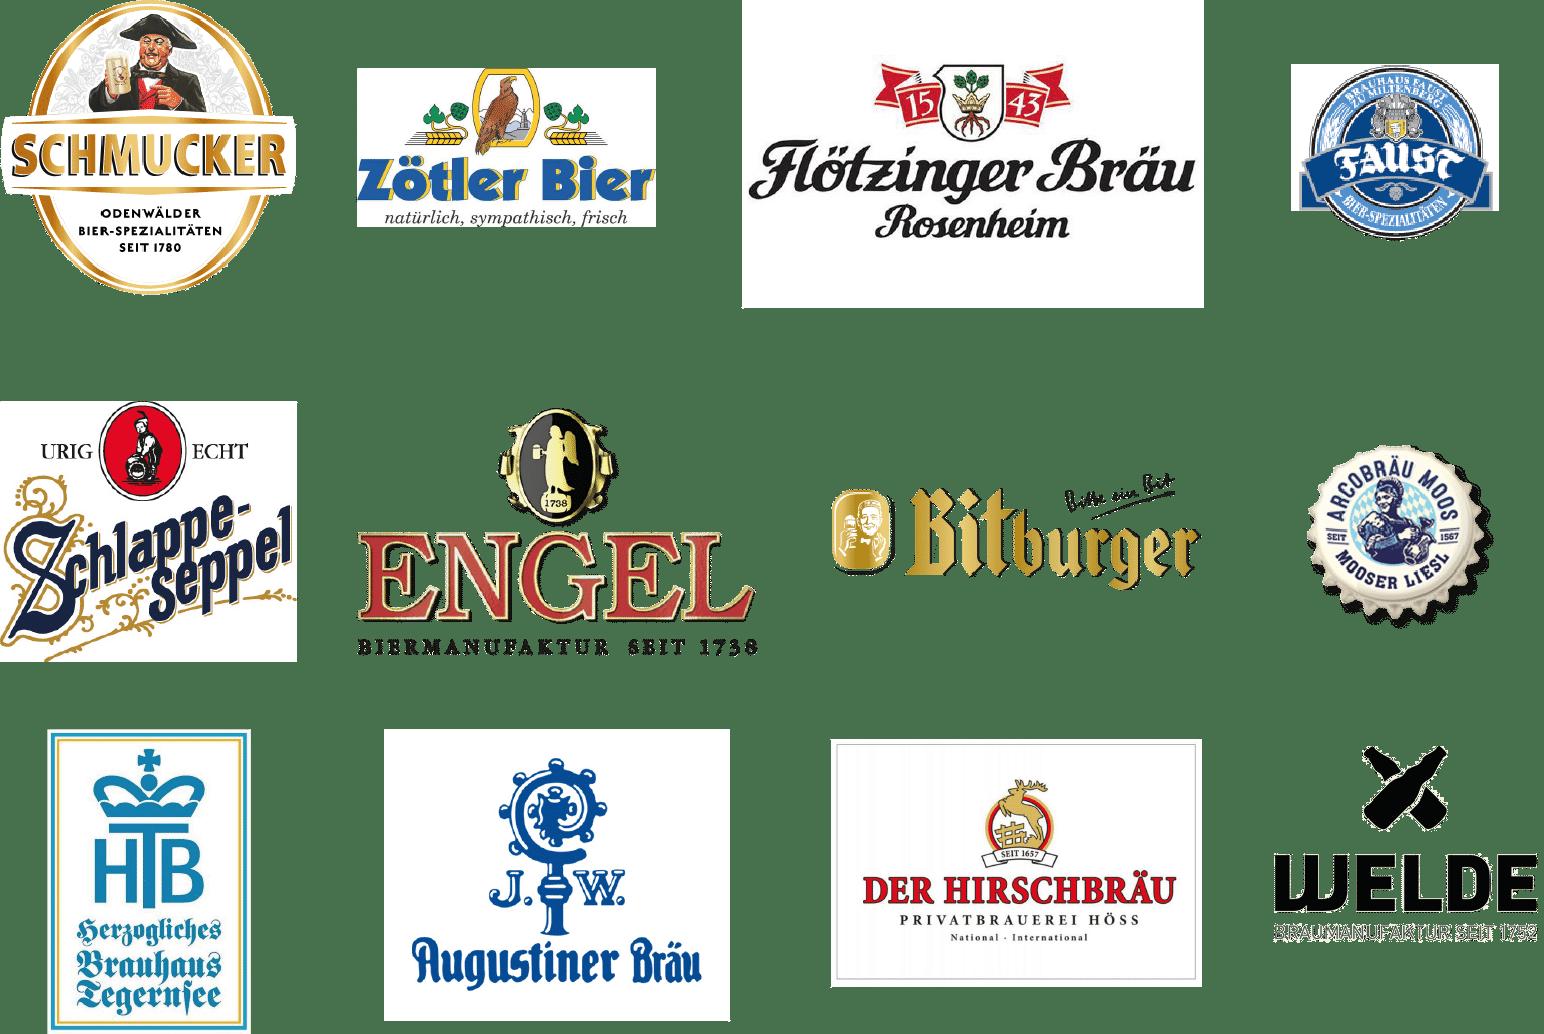 Sortimernt Bier - Getränke REXROTH